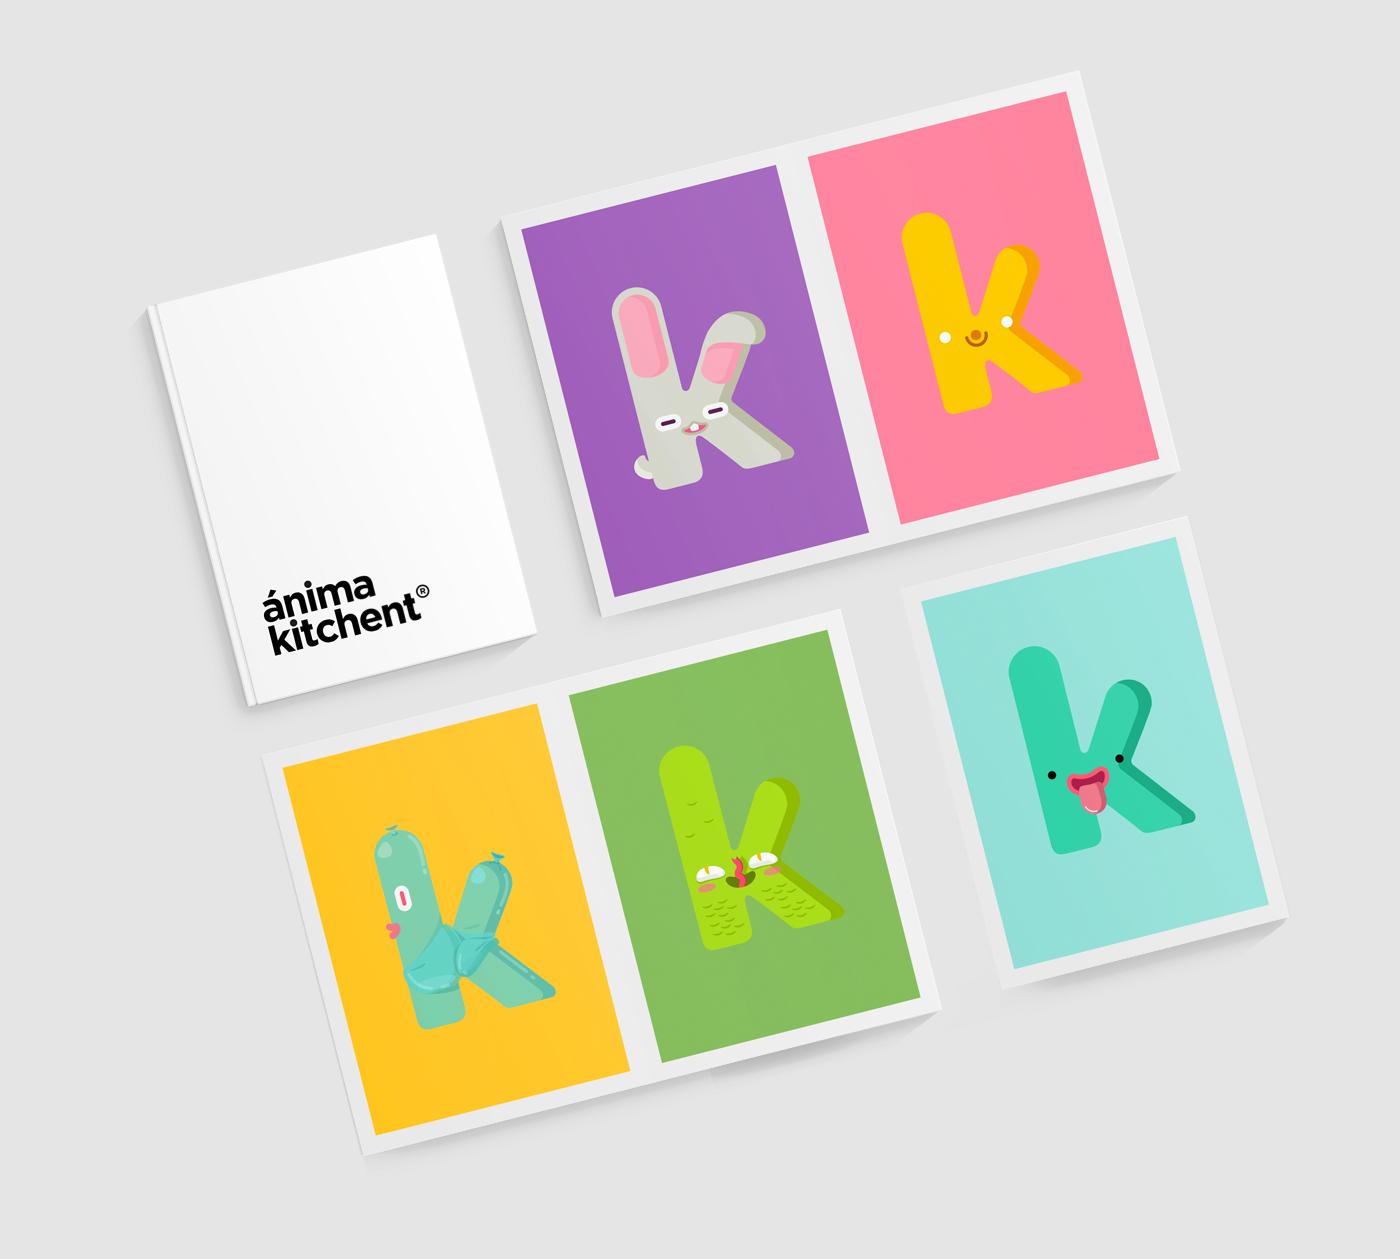 Ánima Kitchent, proyecto de Branding e Ilustración por The Woork Co